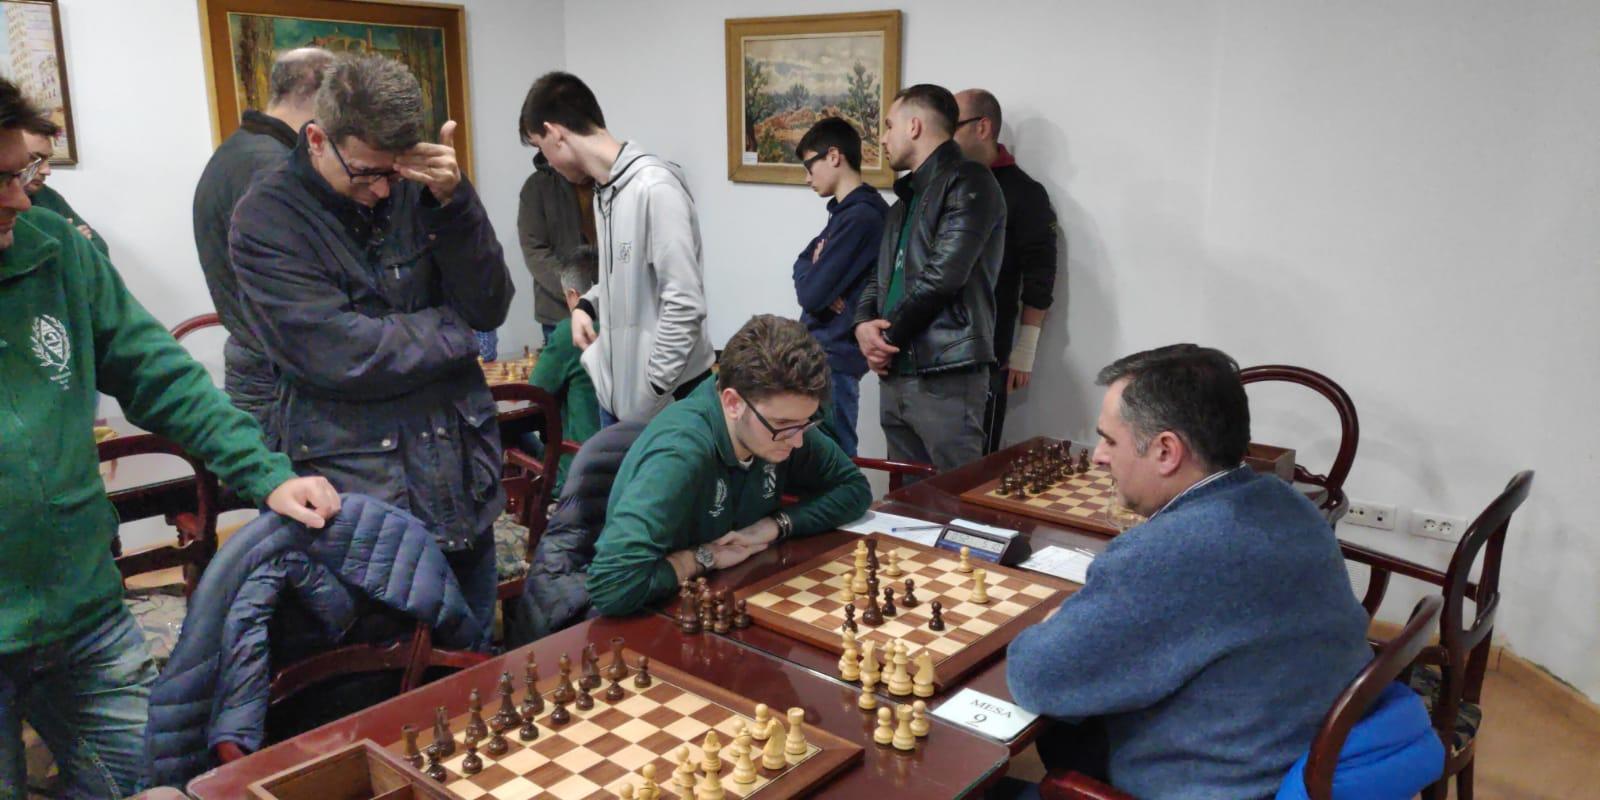 1ª AUT. El Círculo Mercantil cierra tras cien años de historia. El club de ajedrez estrena nuevo local (Crónica por JM Pérez)